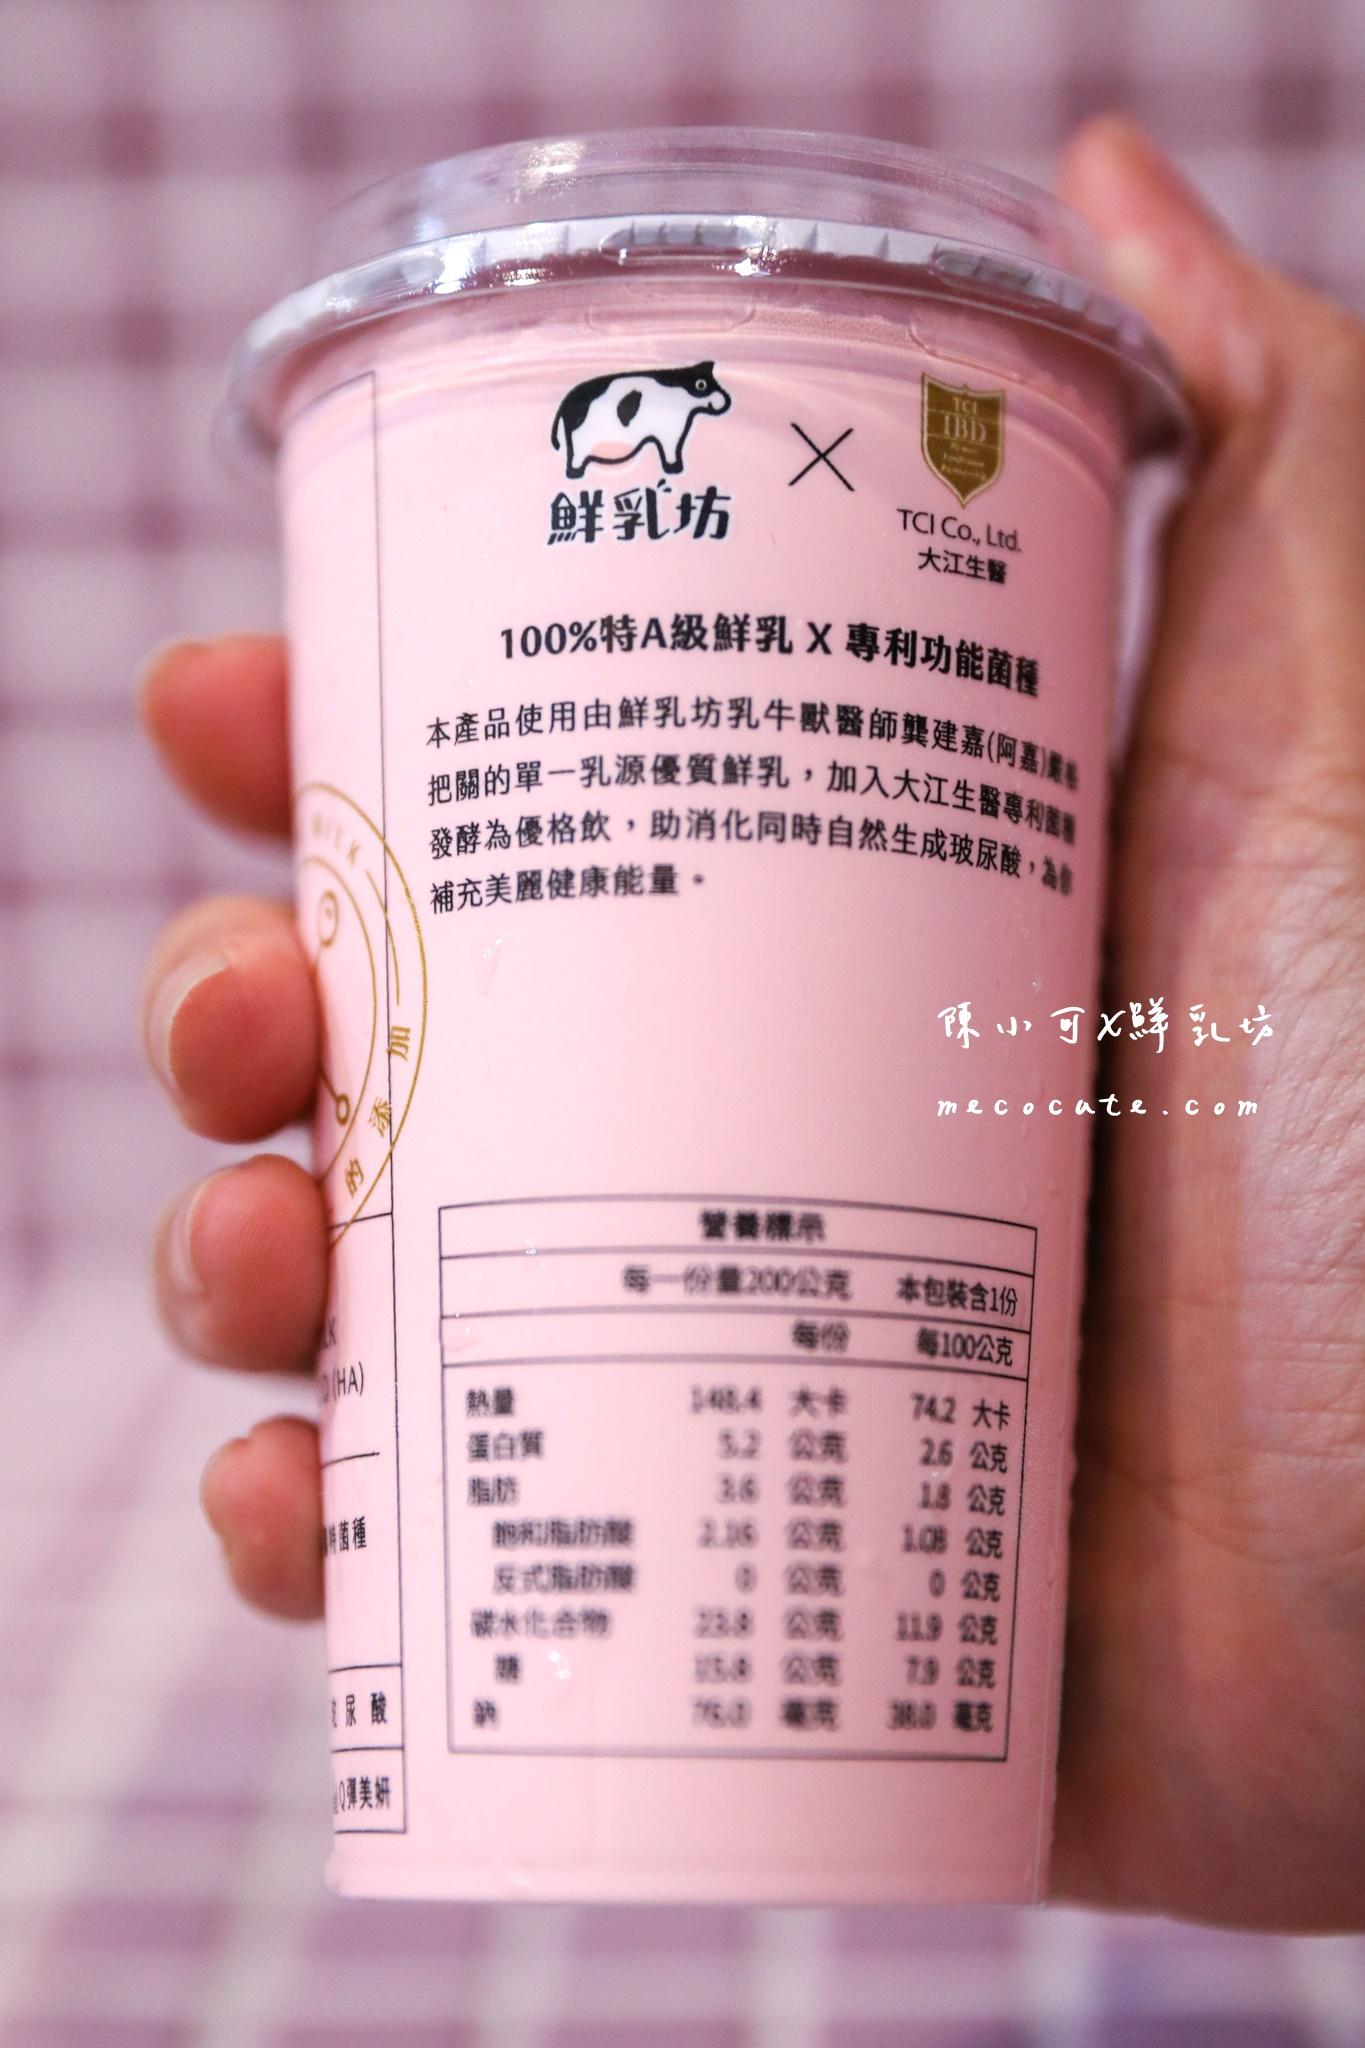 純鮮乳玻尿酸PLUS優格飲,鮮乳坊,鮮乳坊優格,鮮乳坊玻尿酸優格